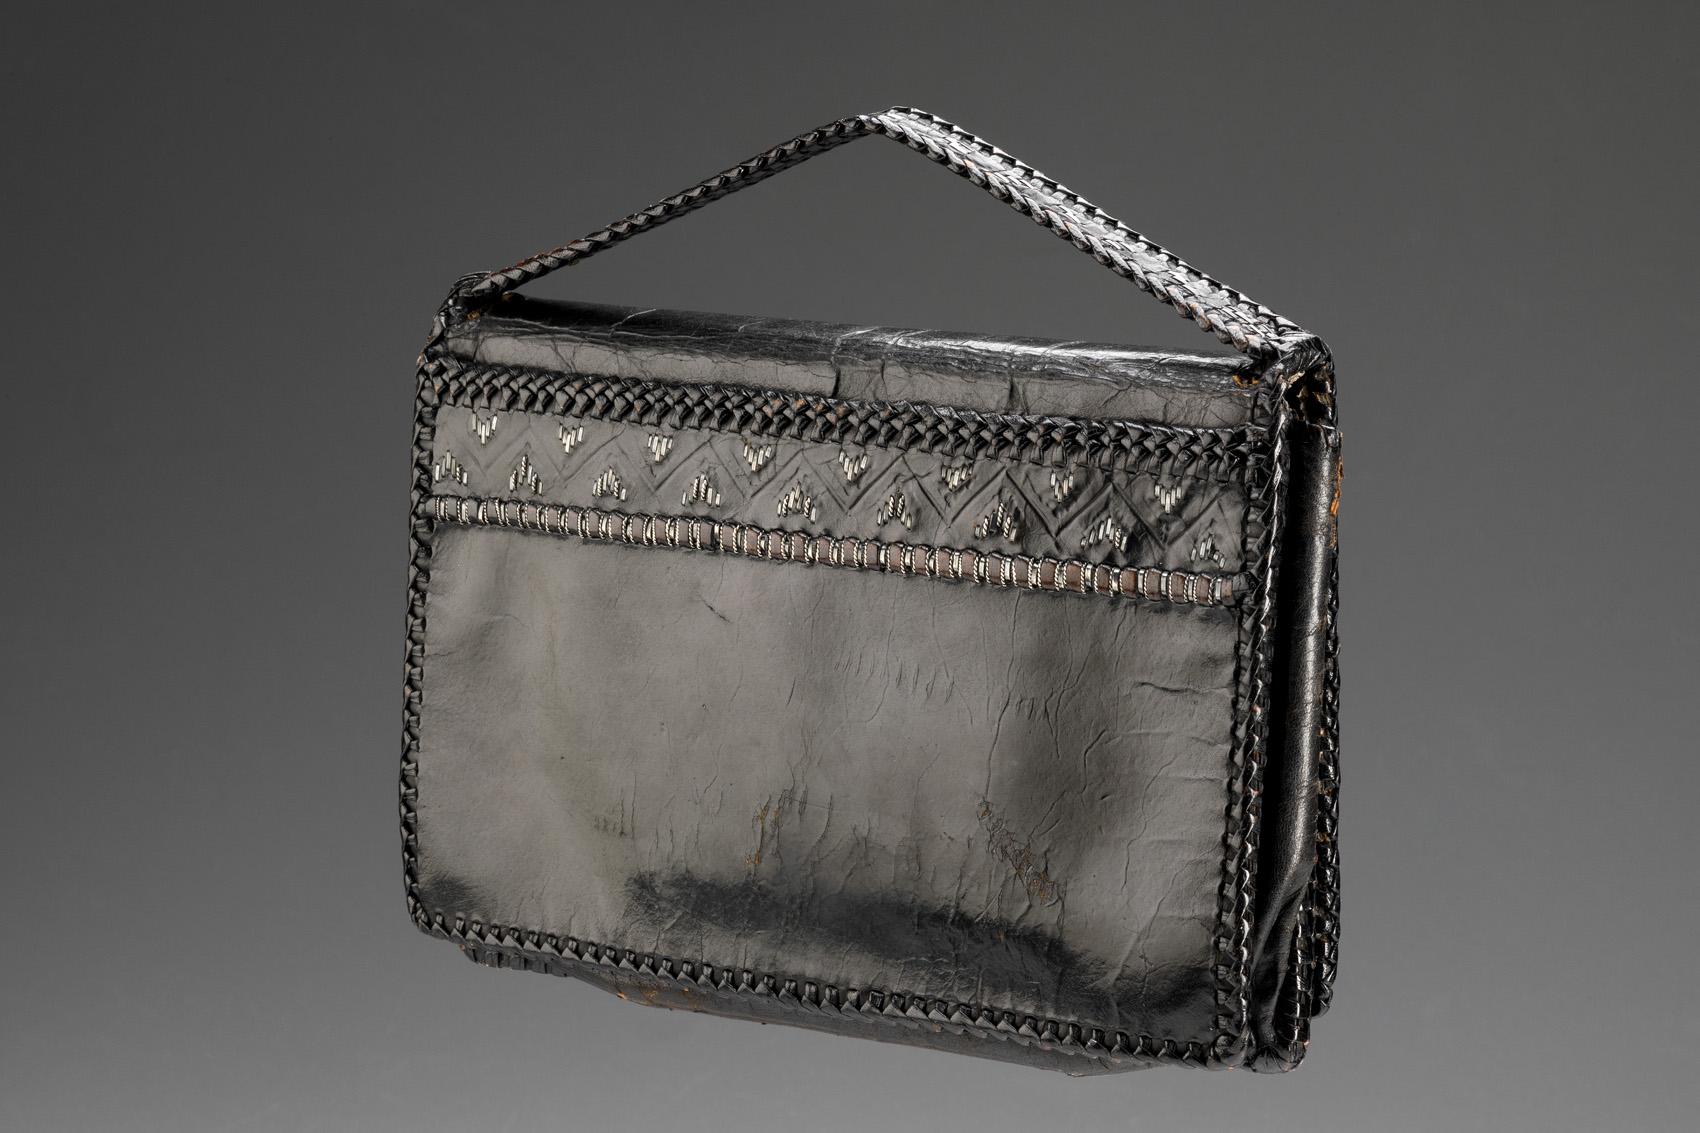 Černá obdélníková kabelka do ruky s černou výšivkou, pohled na zadní stranu